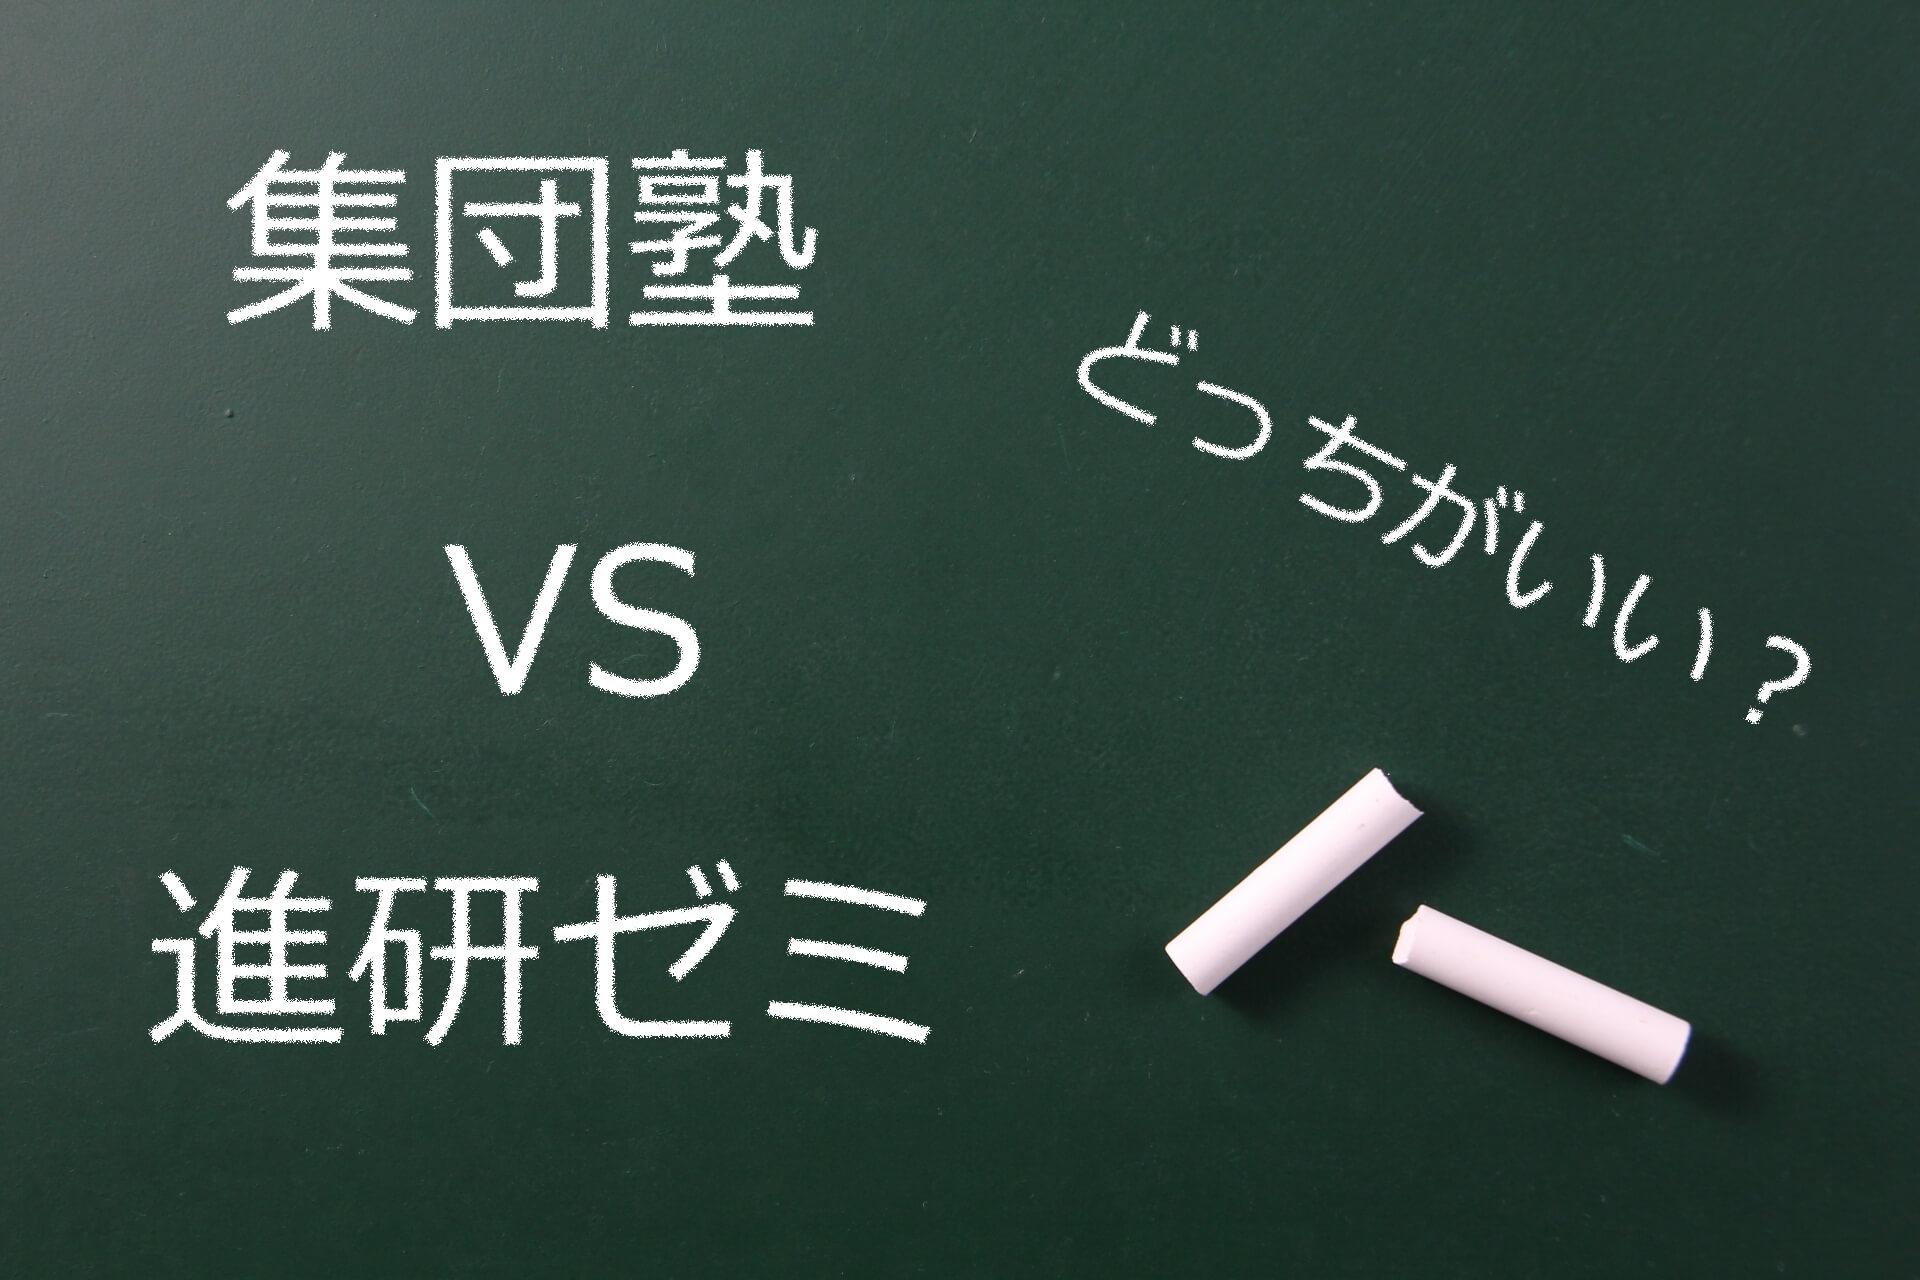 黒板に書かれた集団塾と進研ゼミの文字